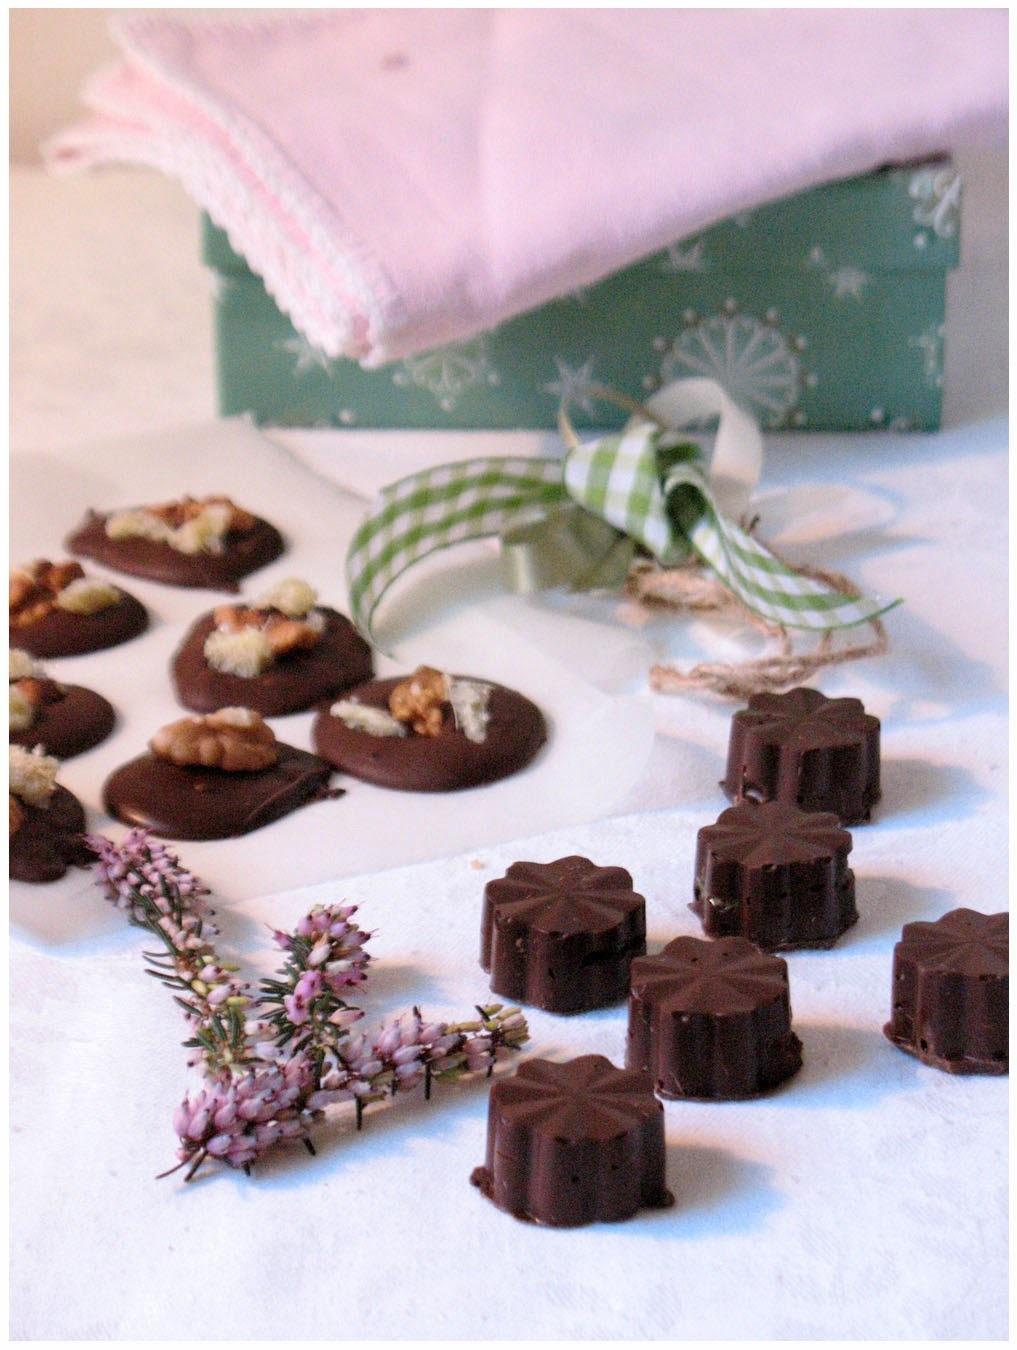 Čokoladne praline s pastom od bučinih sjemenki, mendiants i temperiranje čokolade / Chocolate pralines with pumpkin seed paste, mendiants & tempering chocolate